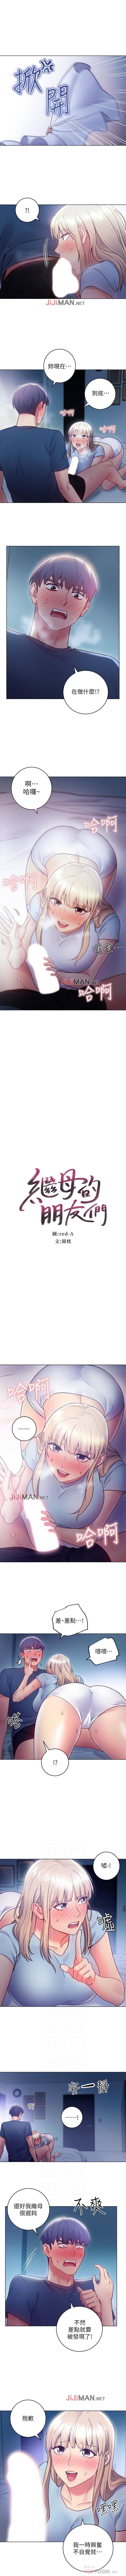 【周二连载】继母的朋友们(作者:Red-A&頸枕) 第1~39话 155